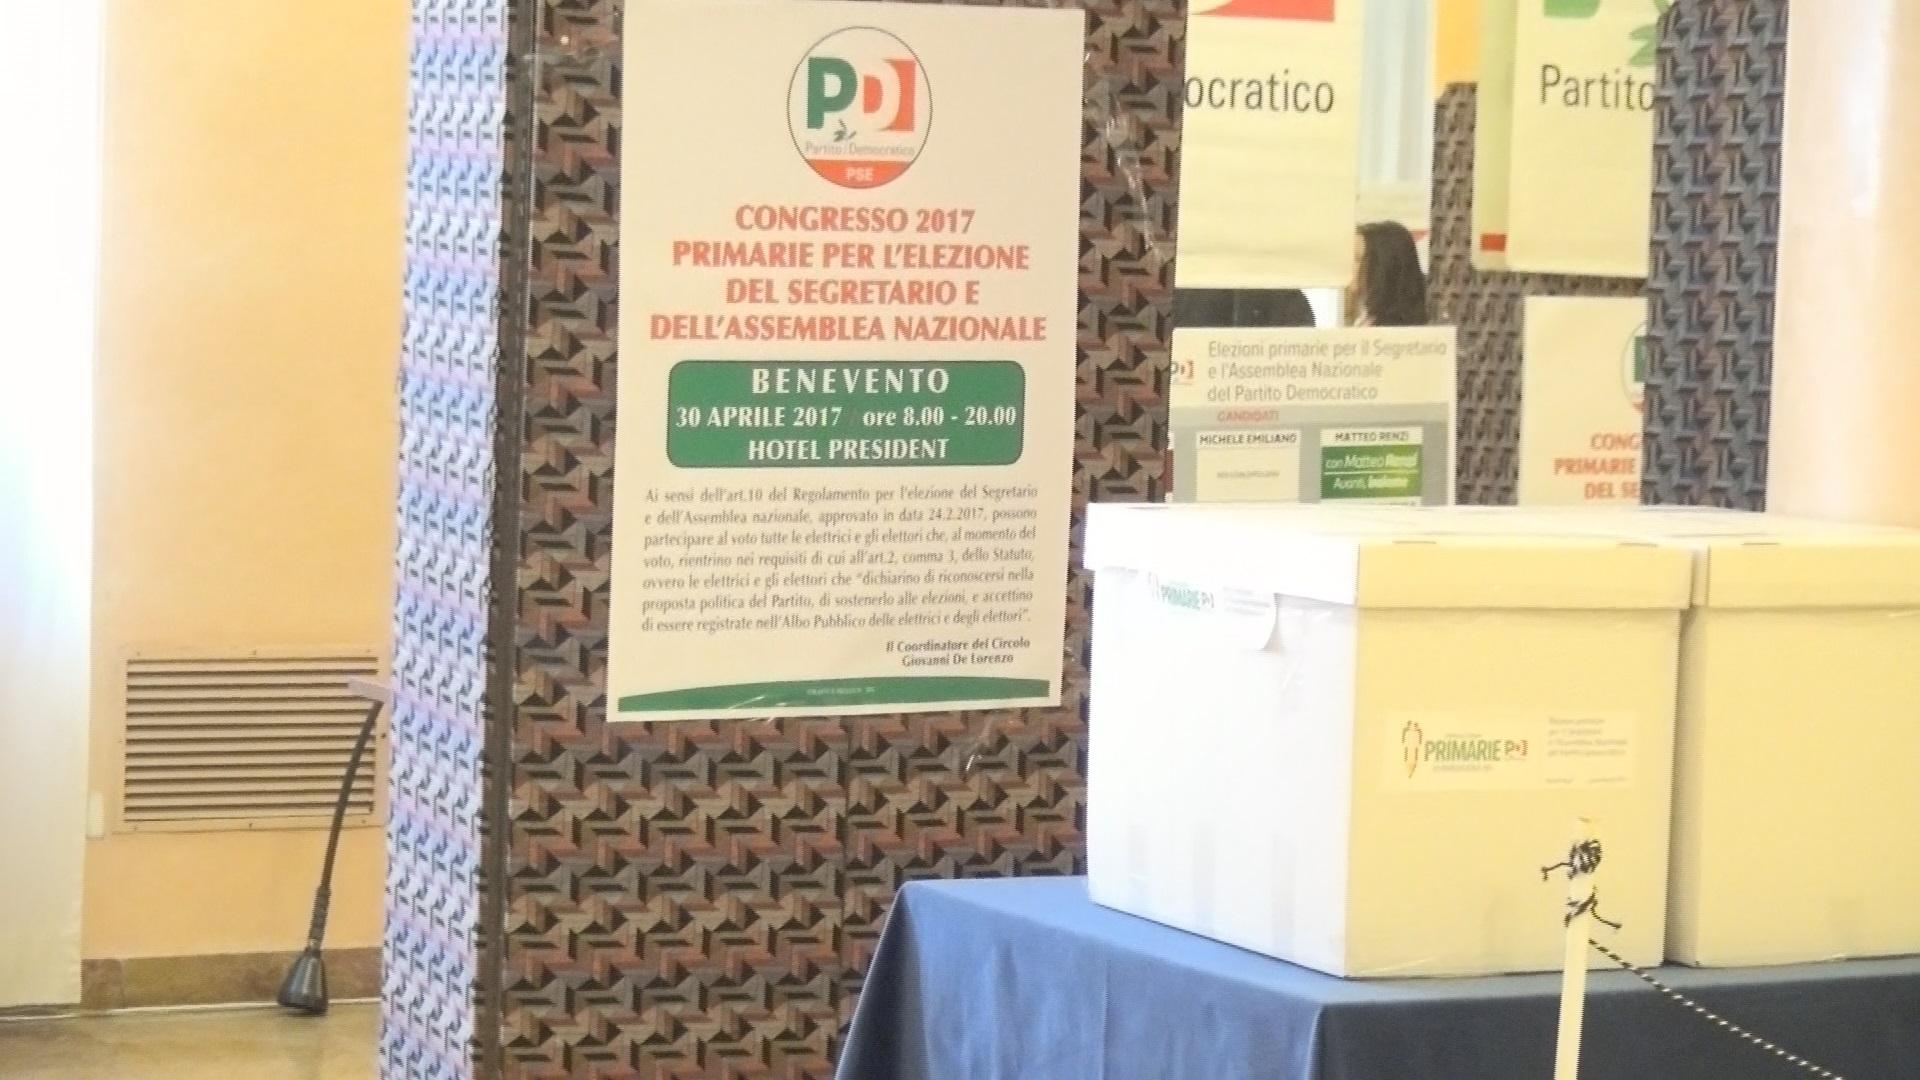 Benevento| Primarie, dati definitivi e commenti